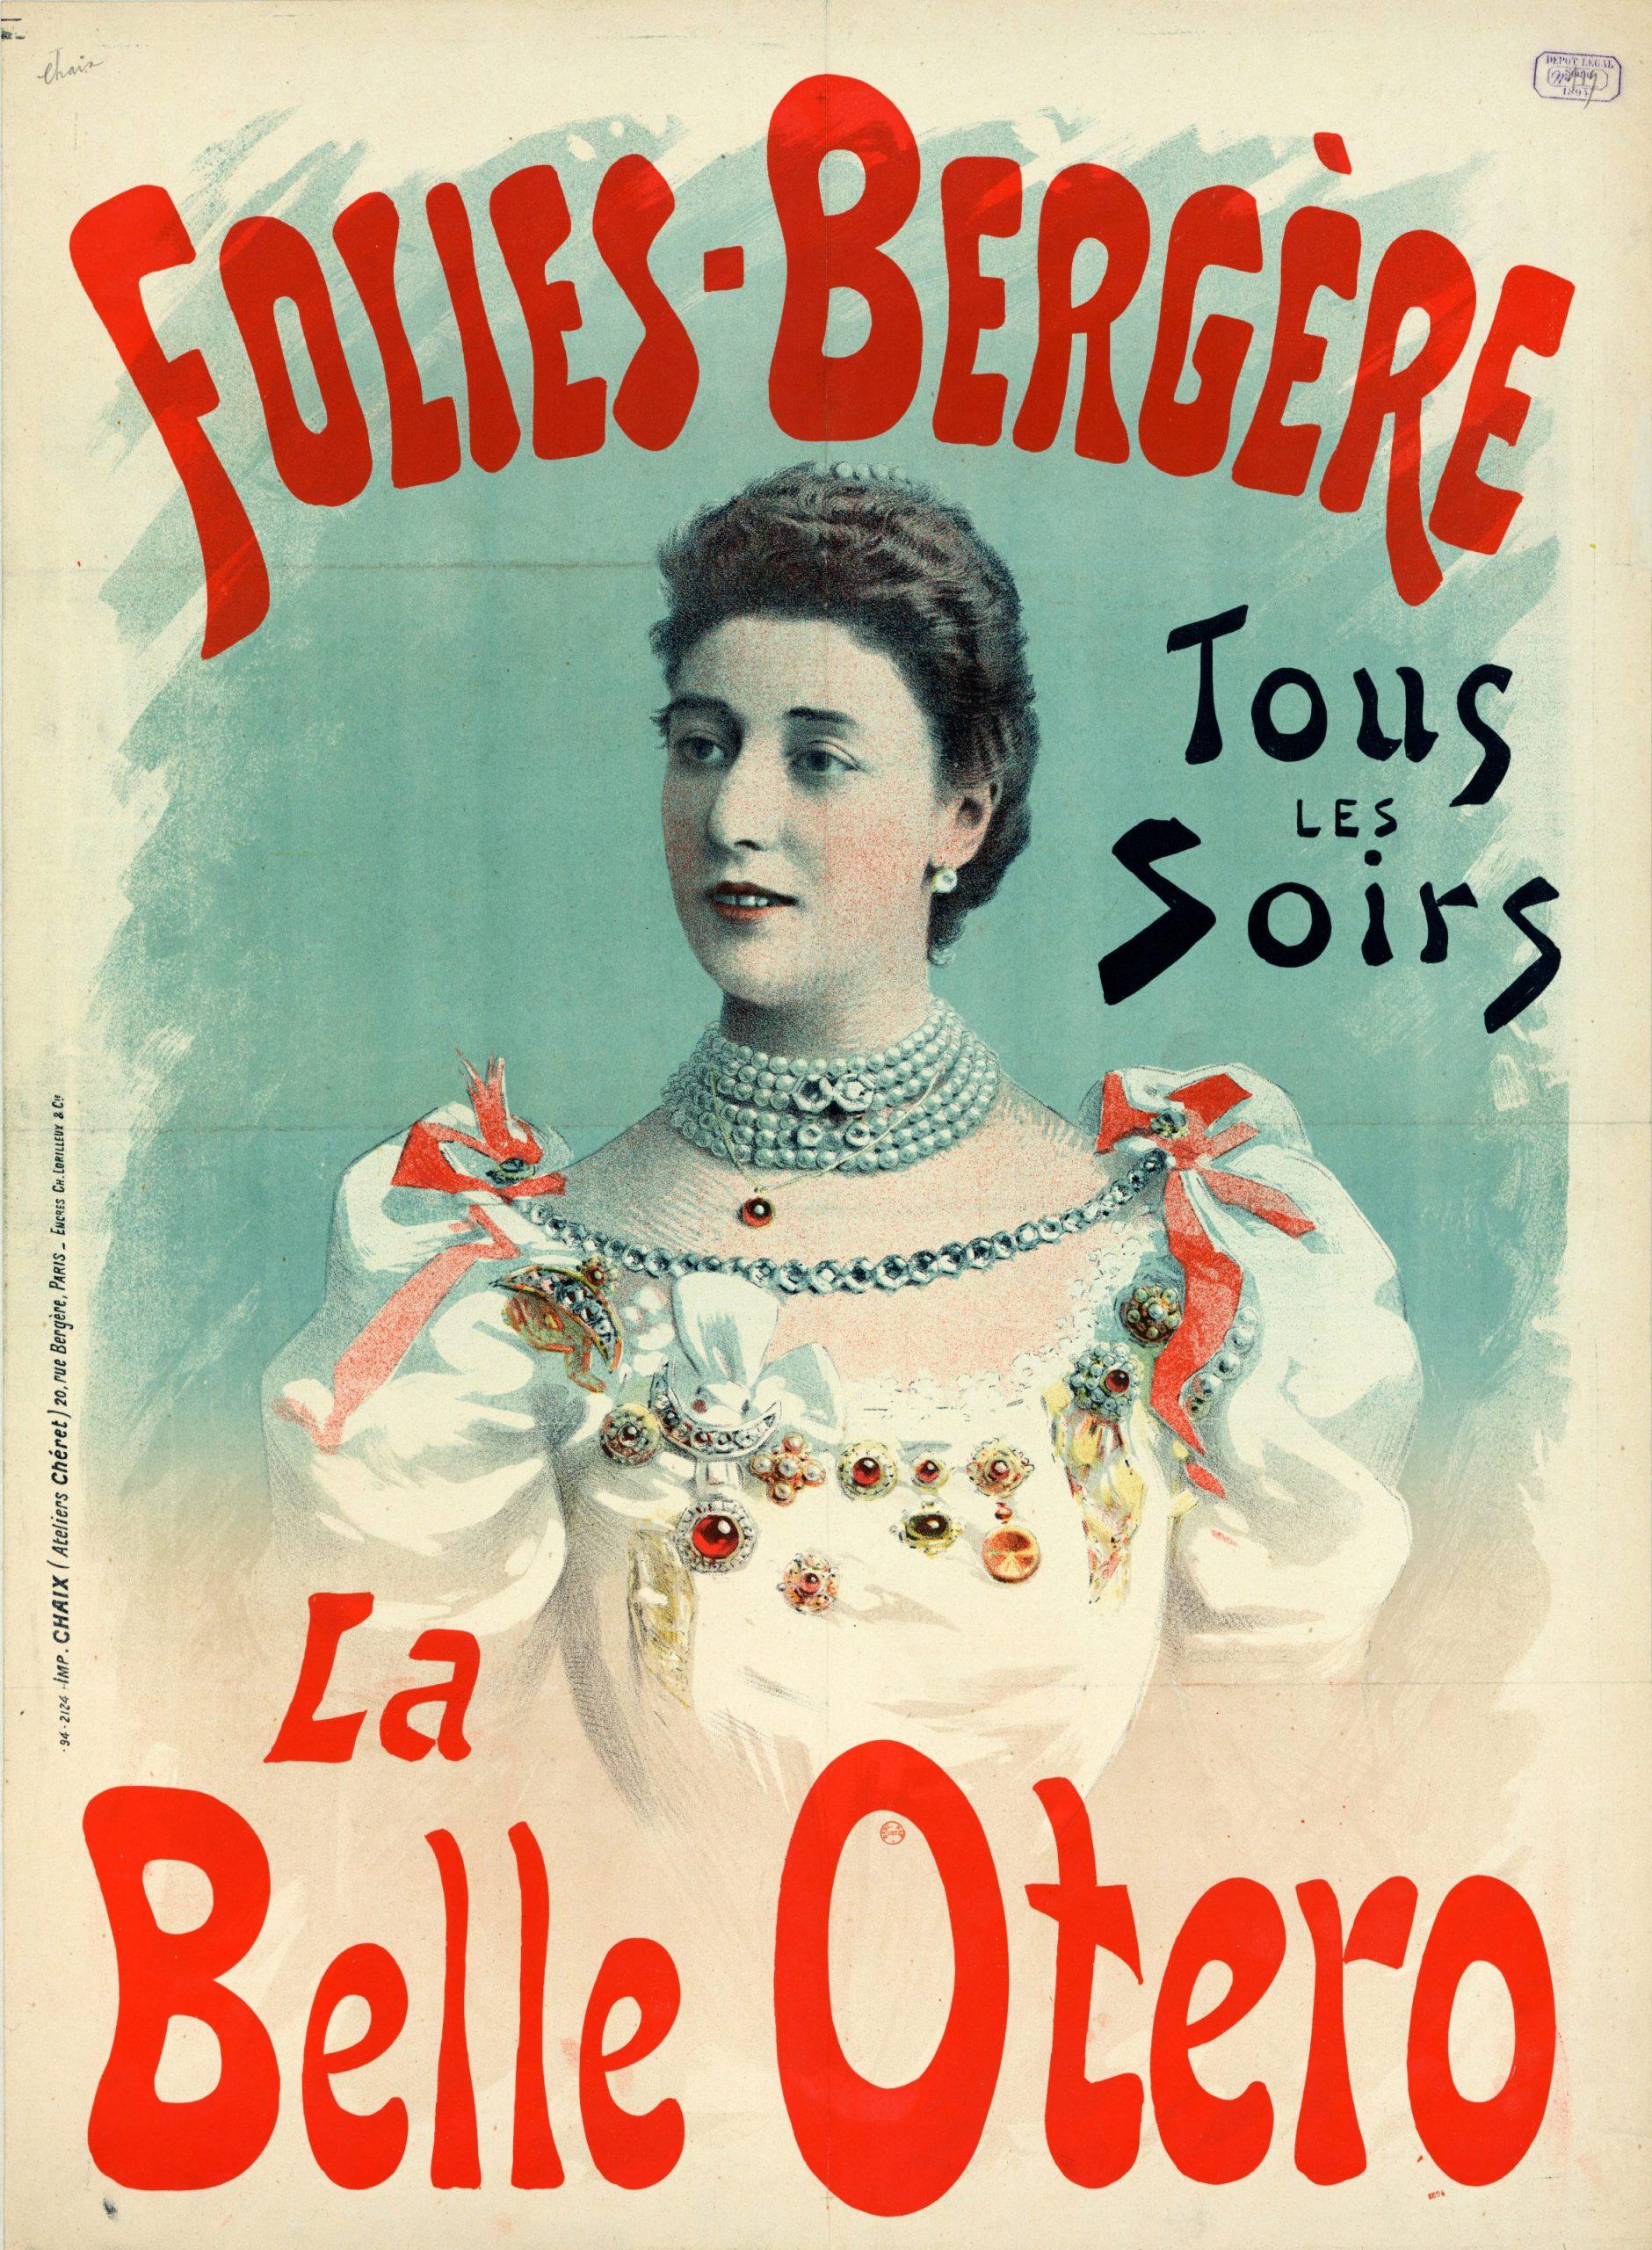 Locandina della Bella Otero alle Folies Bergère